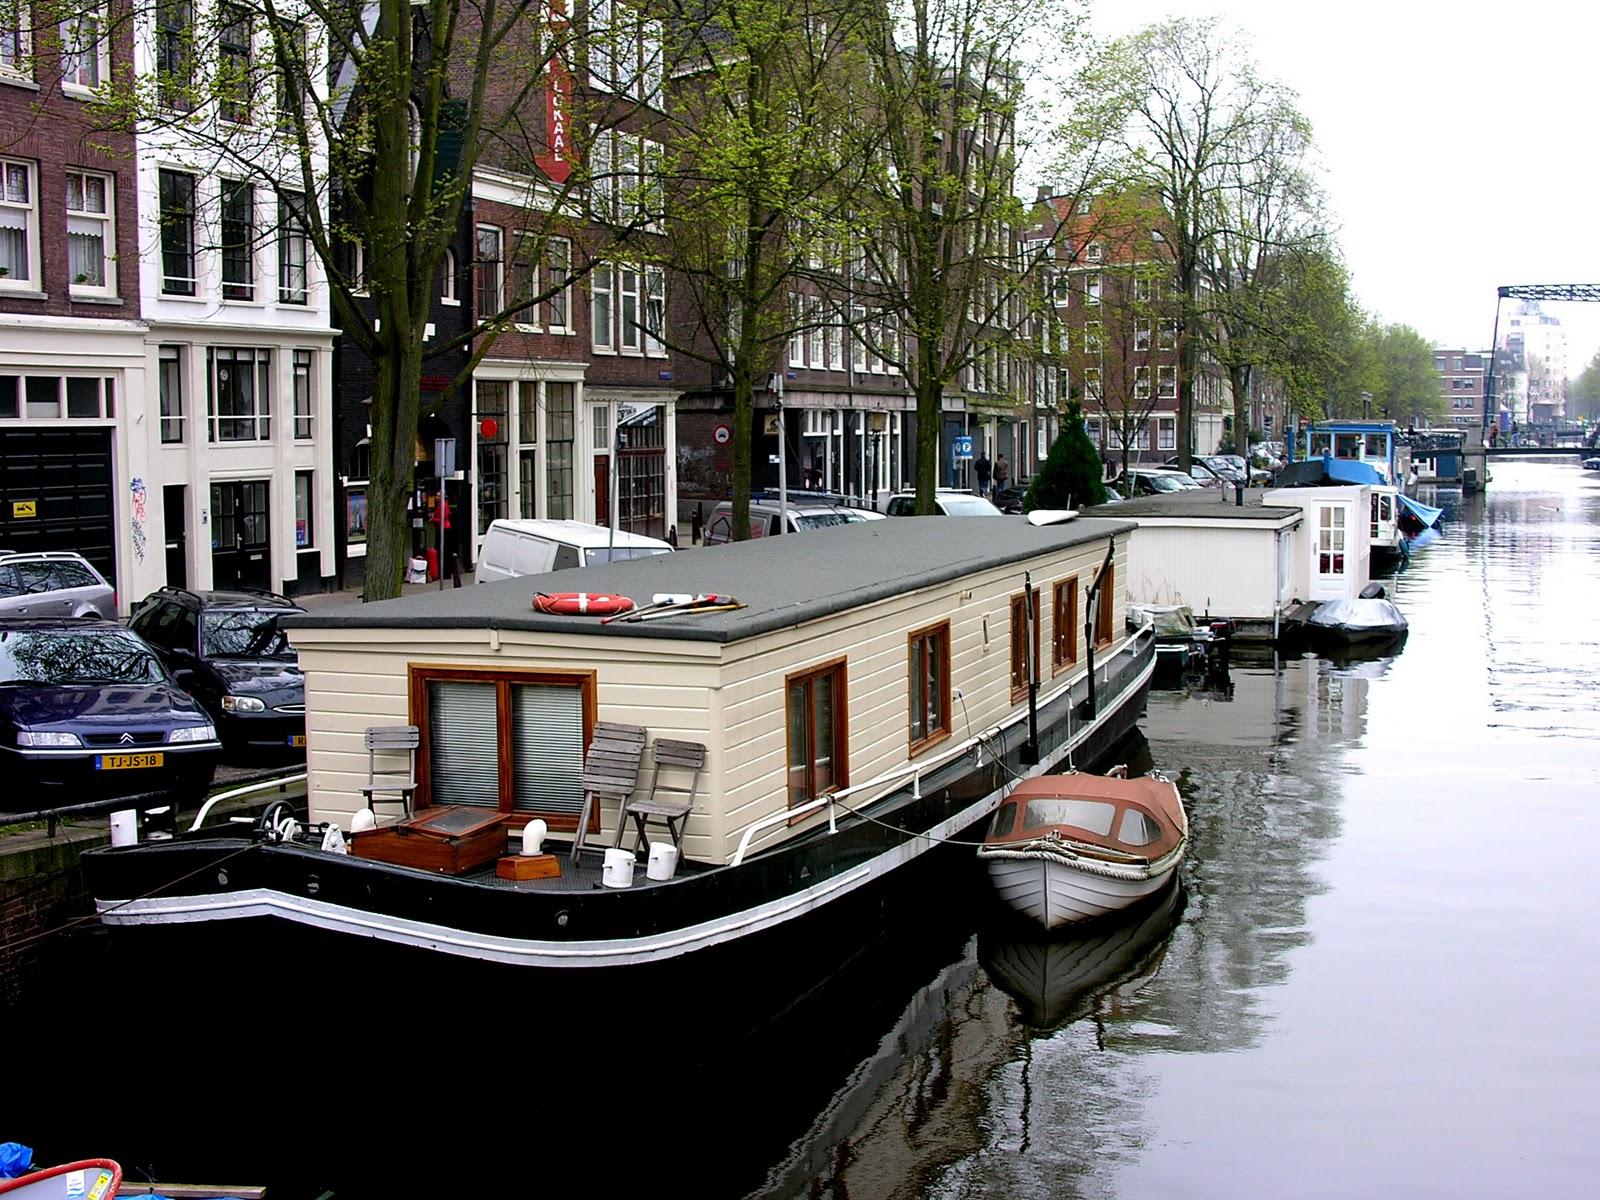 Costo boat hotel 1 notte Amsterdam